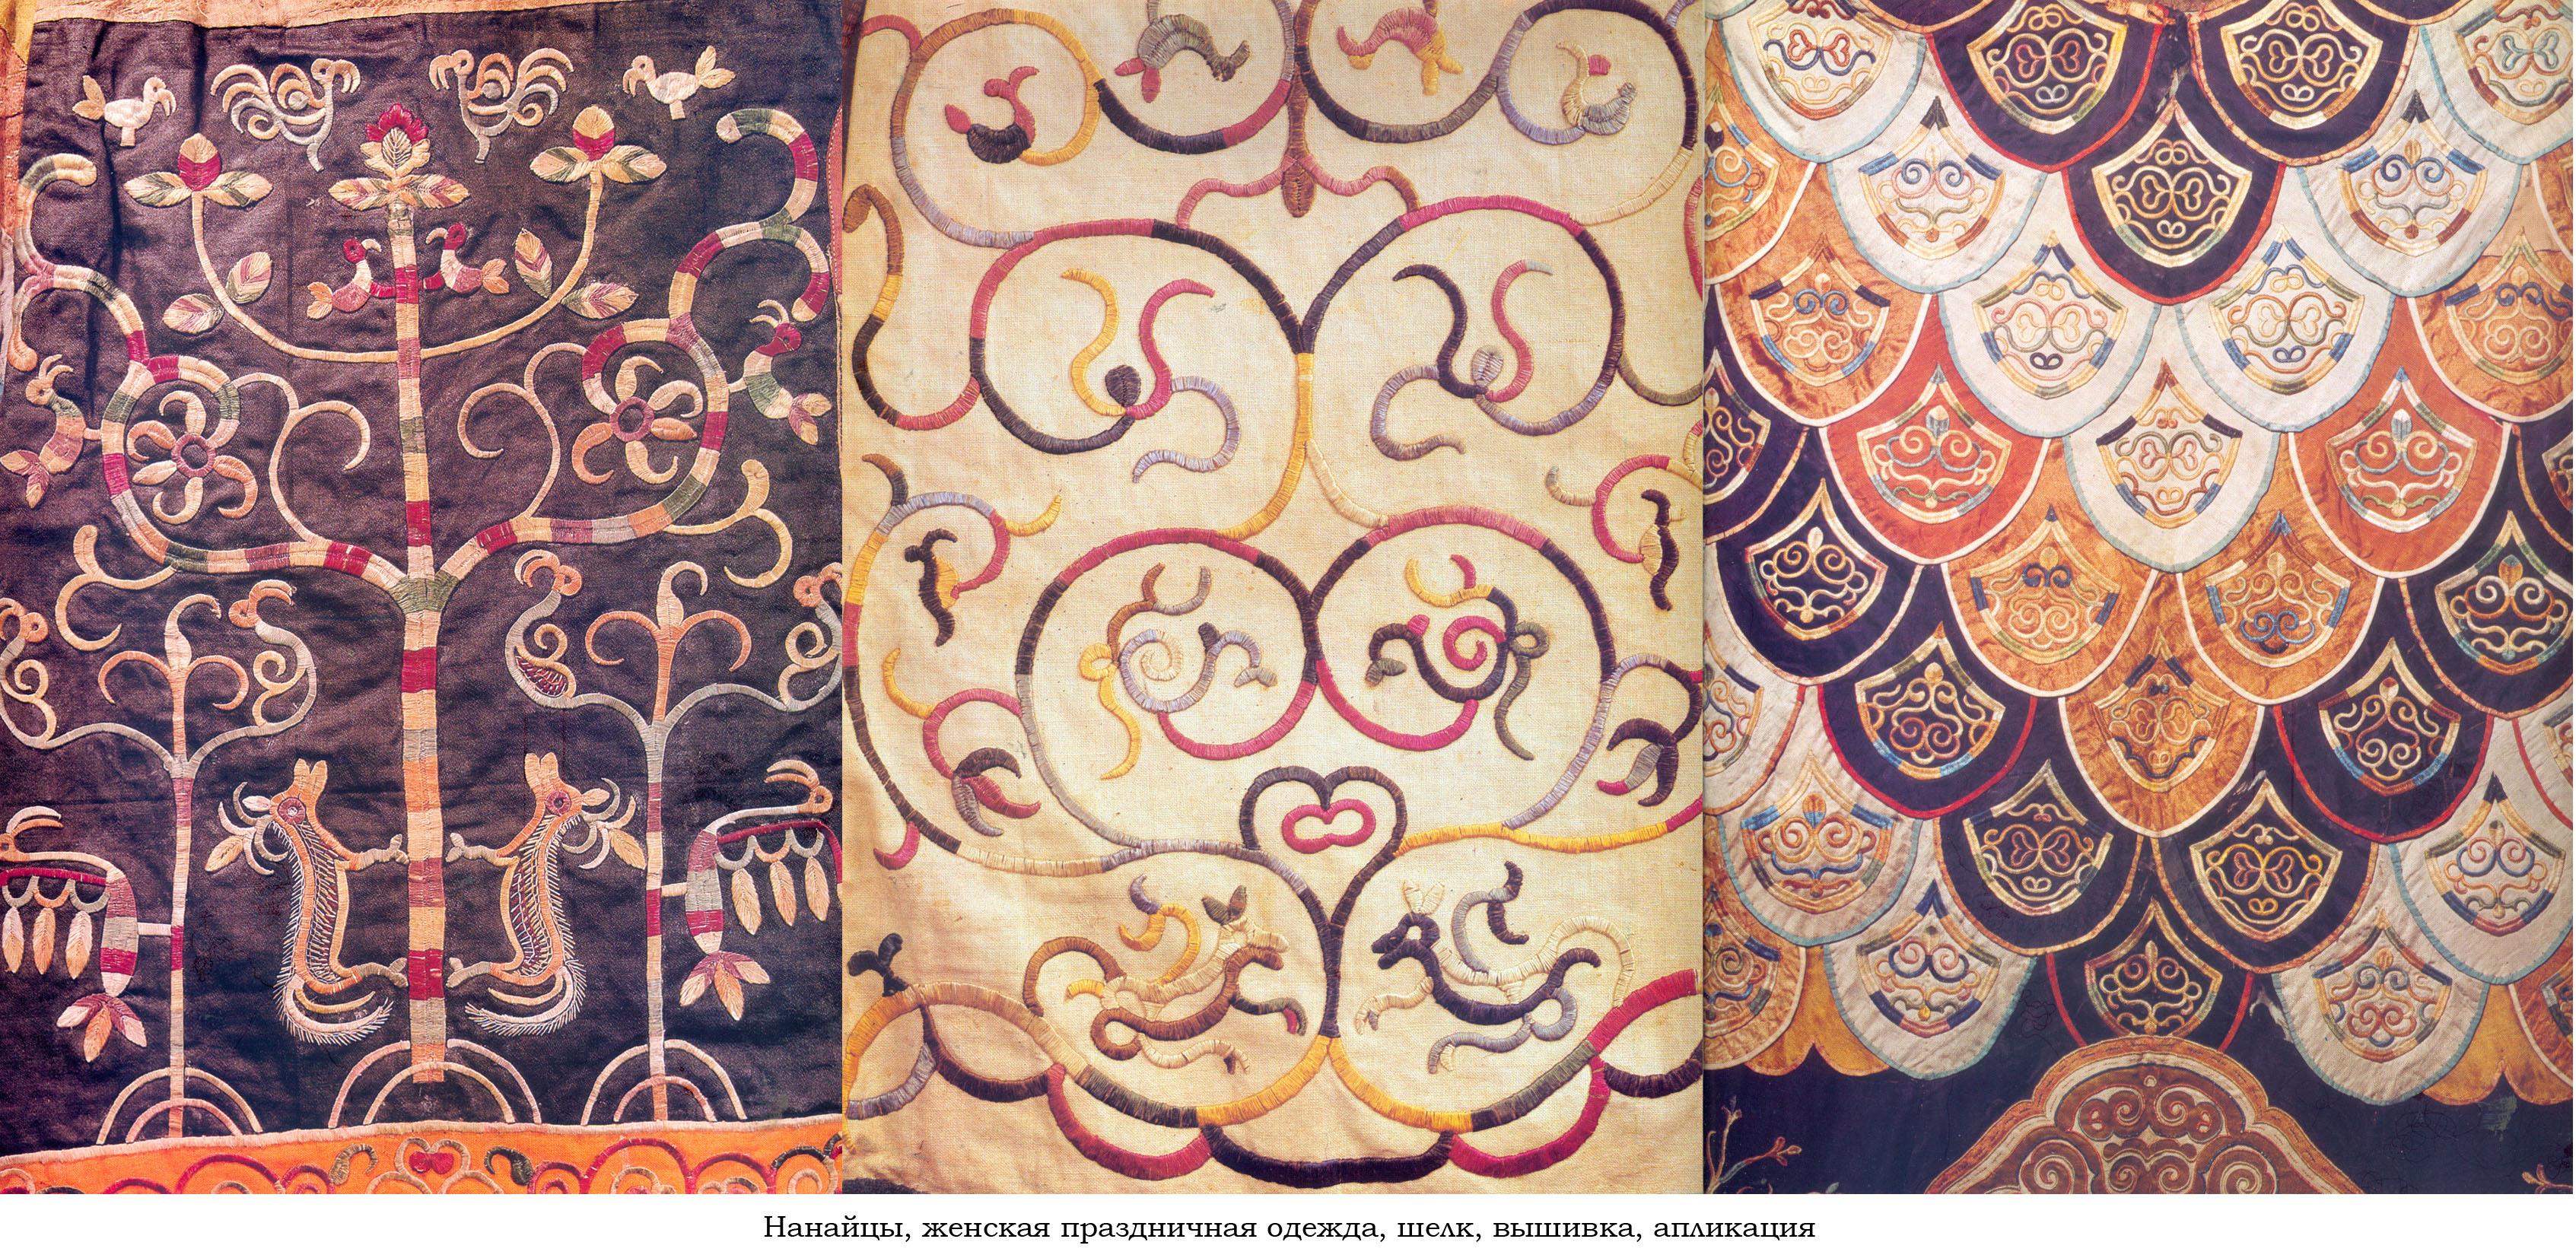 нанайская праздничная женская одежда.jpg